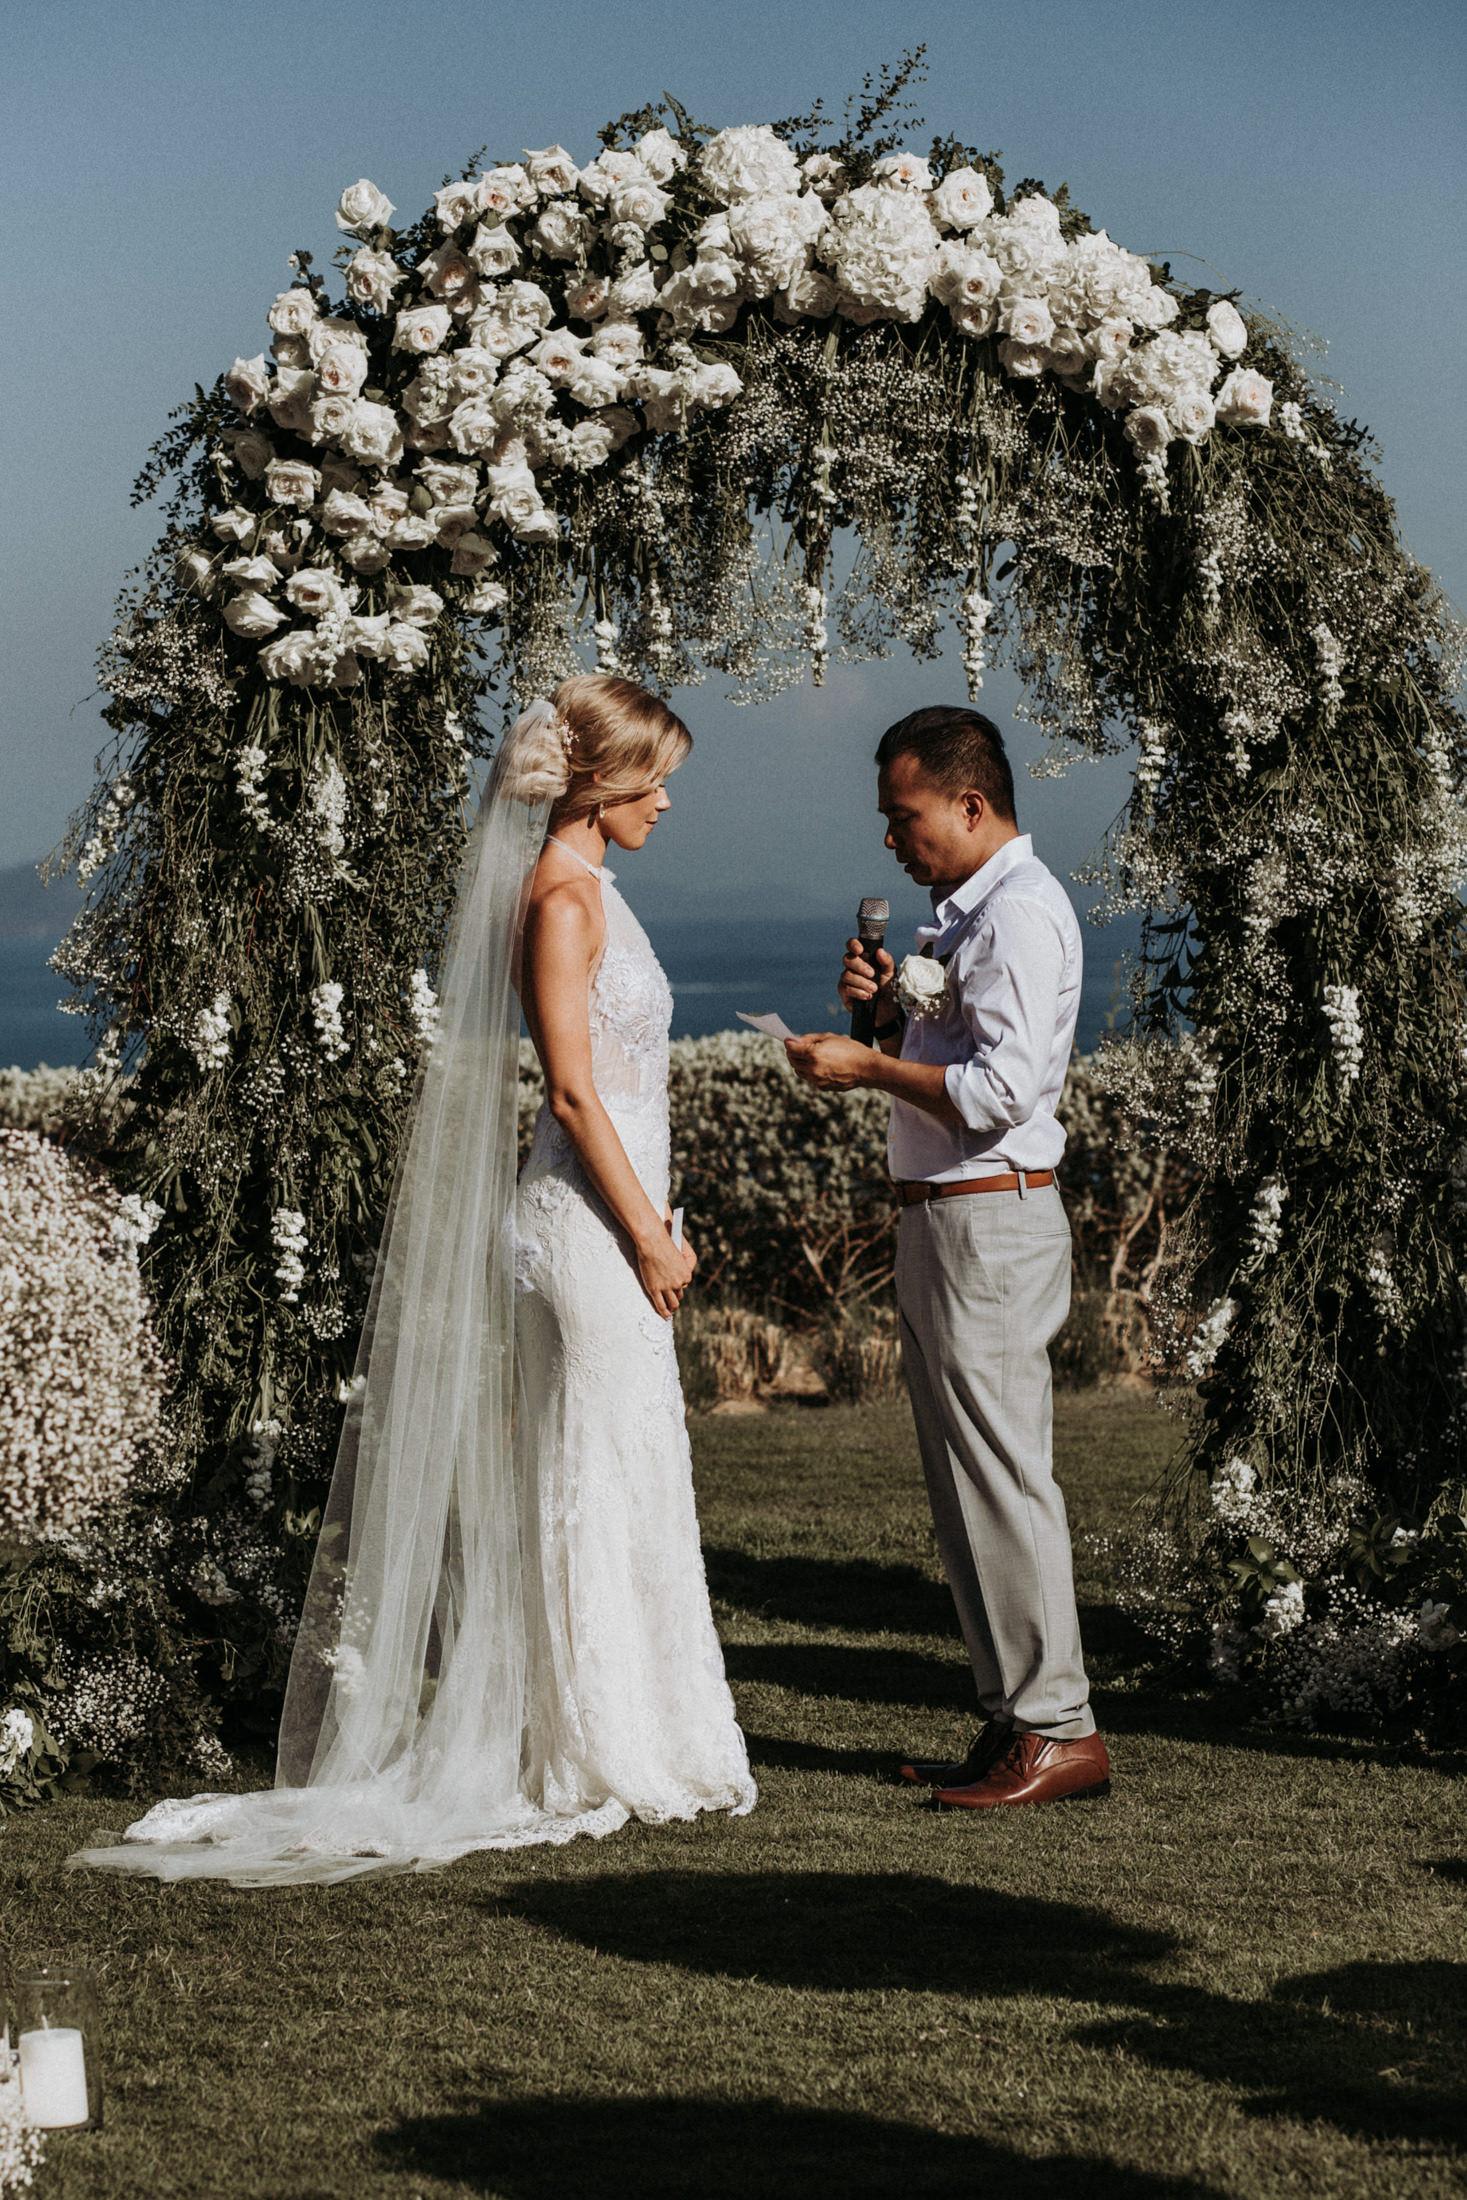 DanielaMarquardt_Wedding_Thailand_240